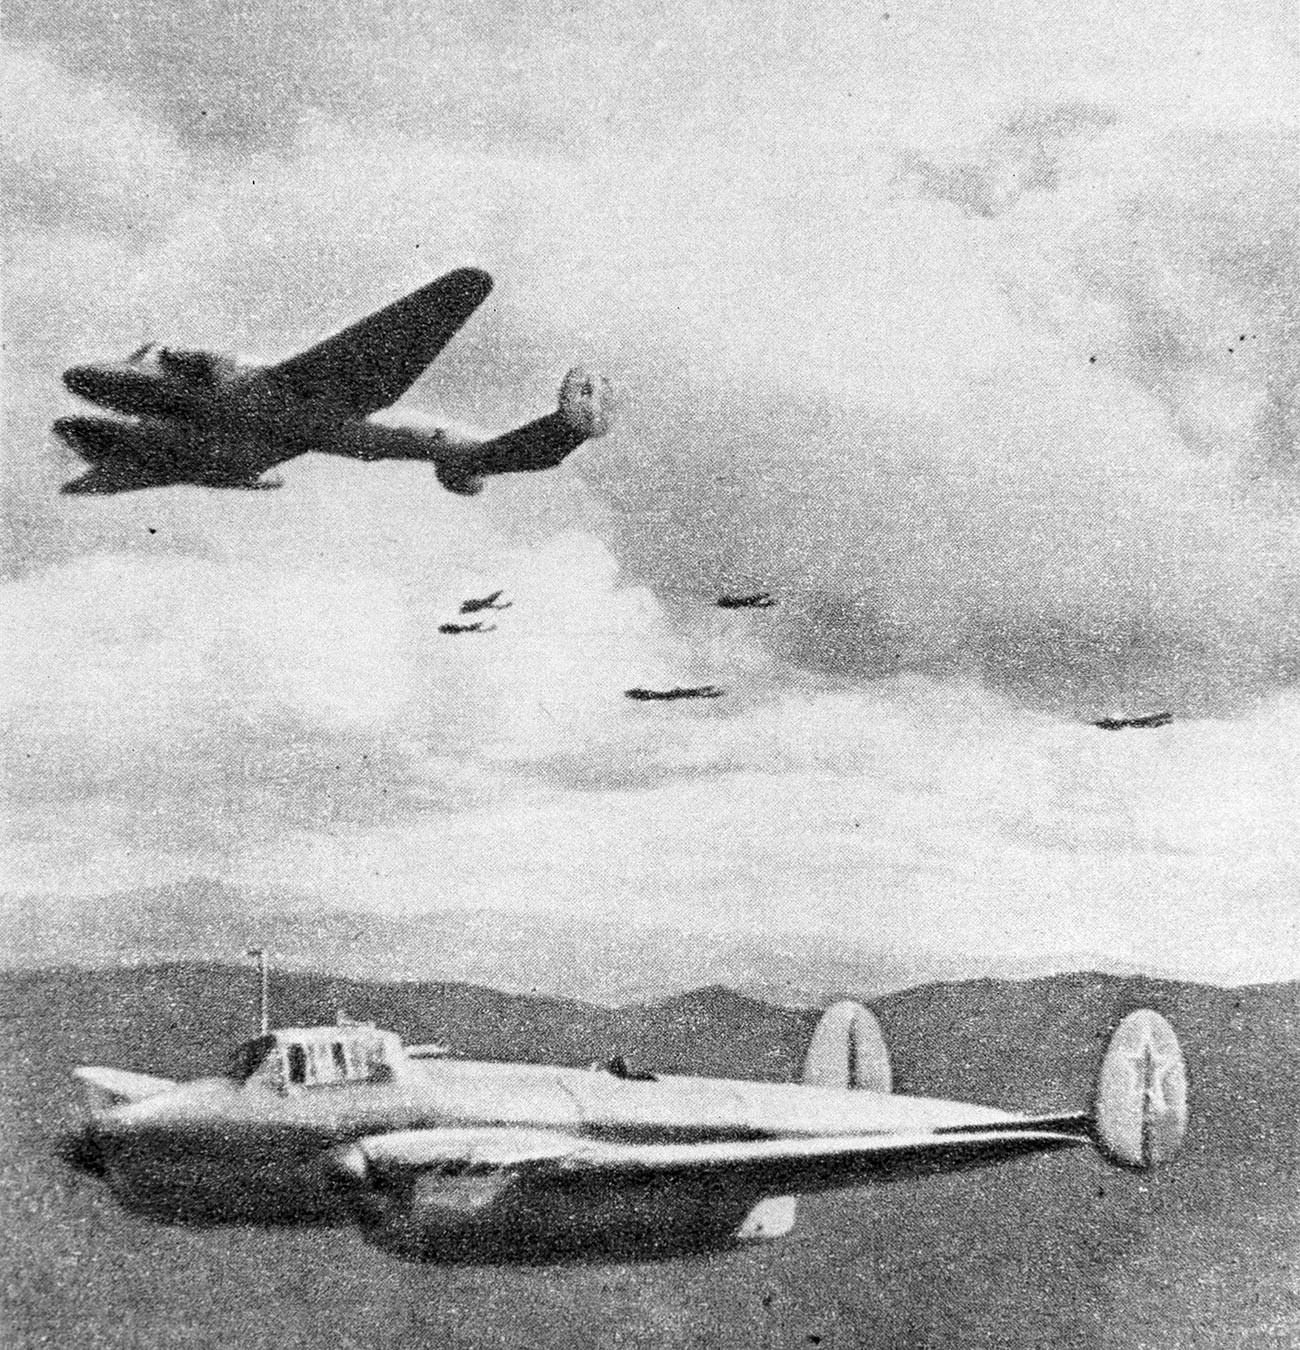 ソ連のパイロット